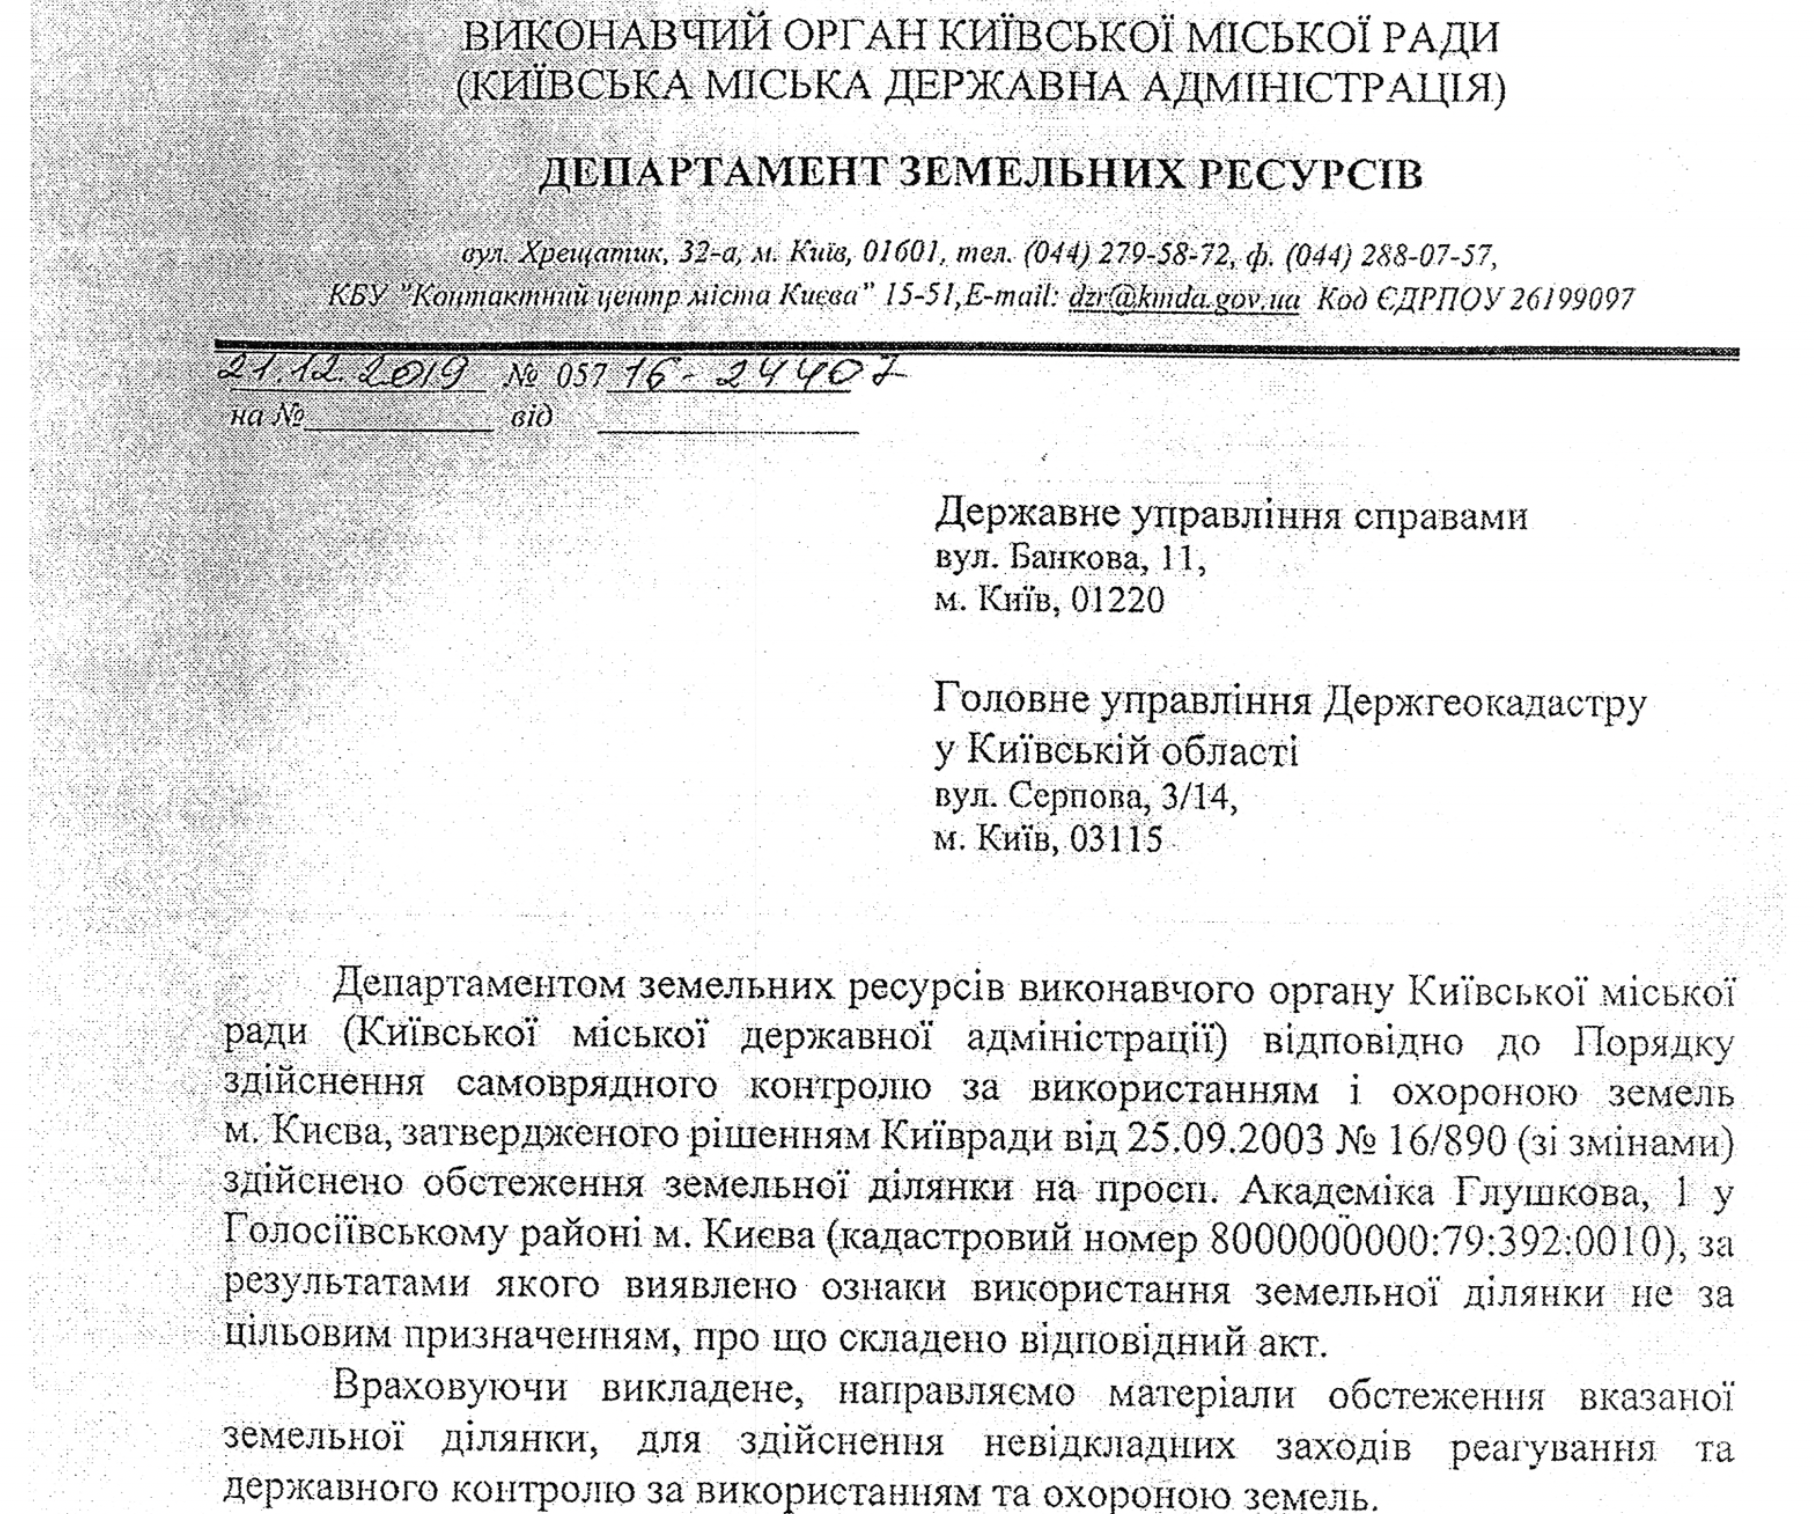 В 2003 году киевская община передала земельный участок в пользование ВДНХ